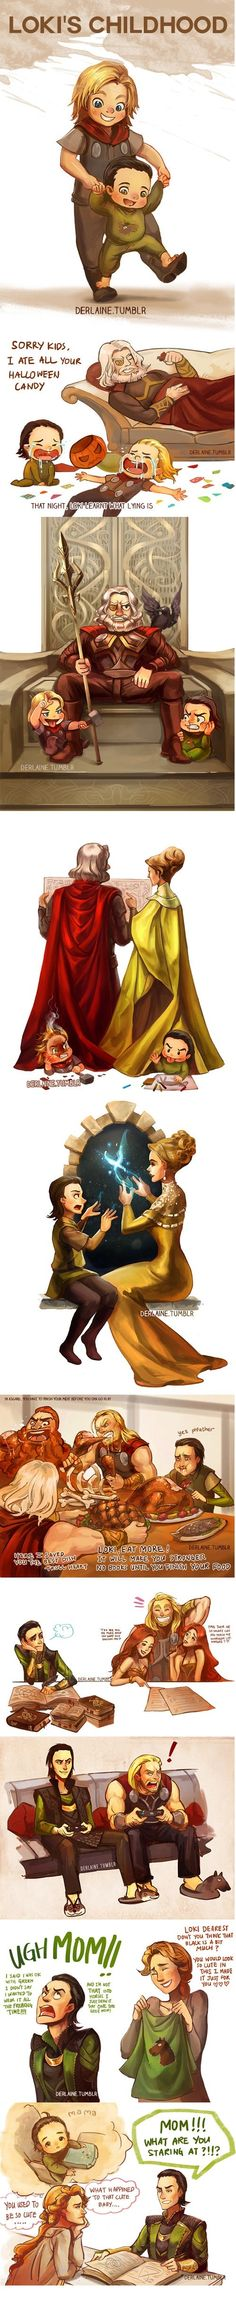 Loki's Childhood